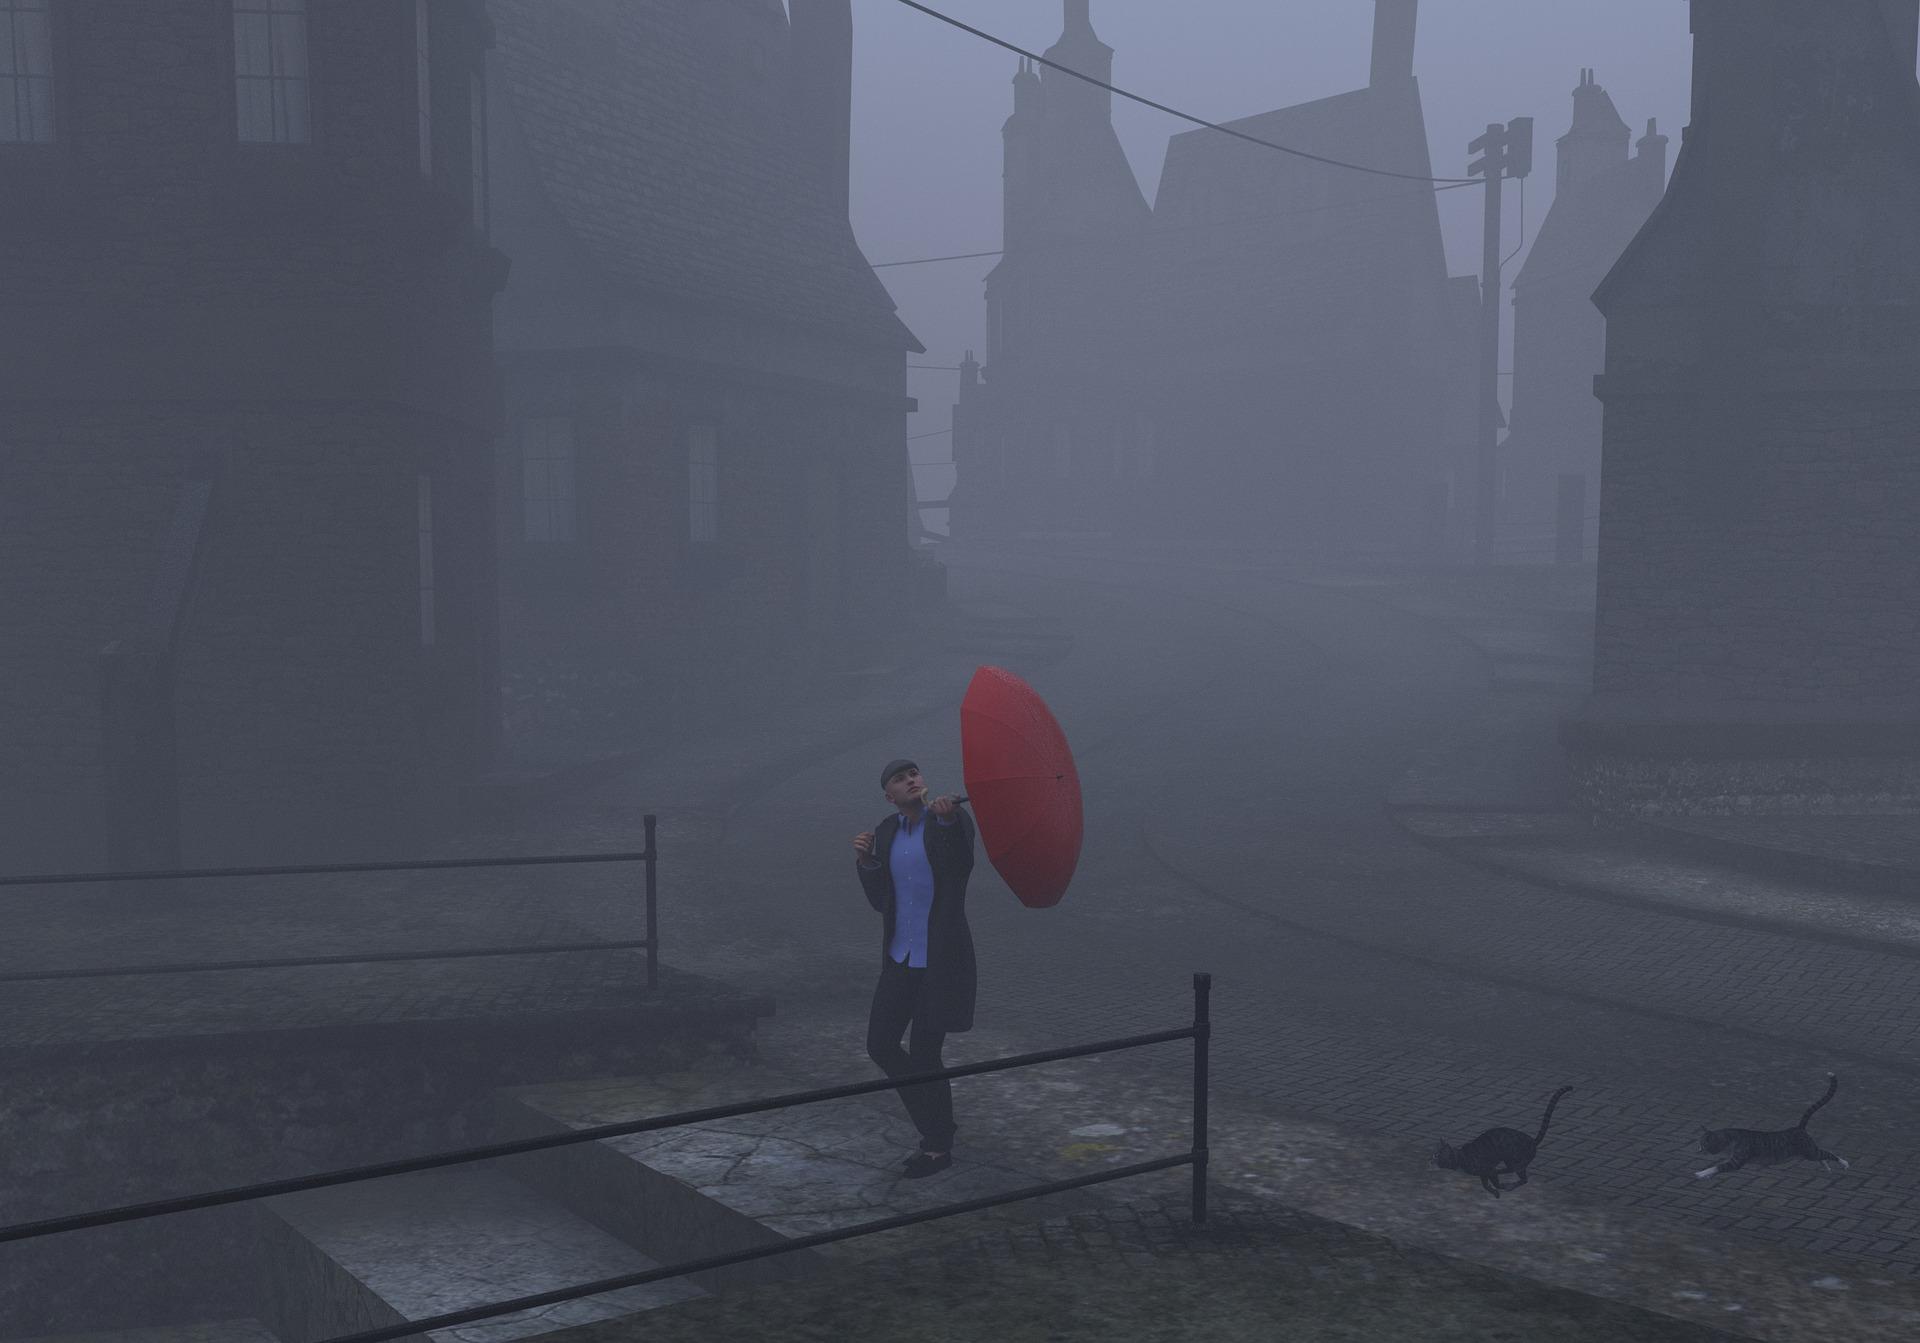 fog-2403870_1920